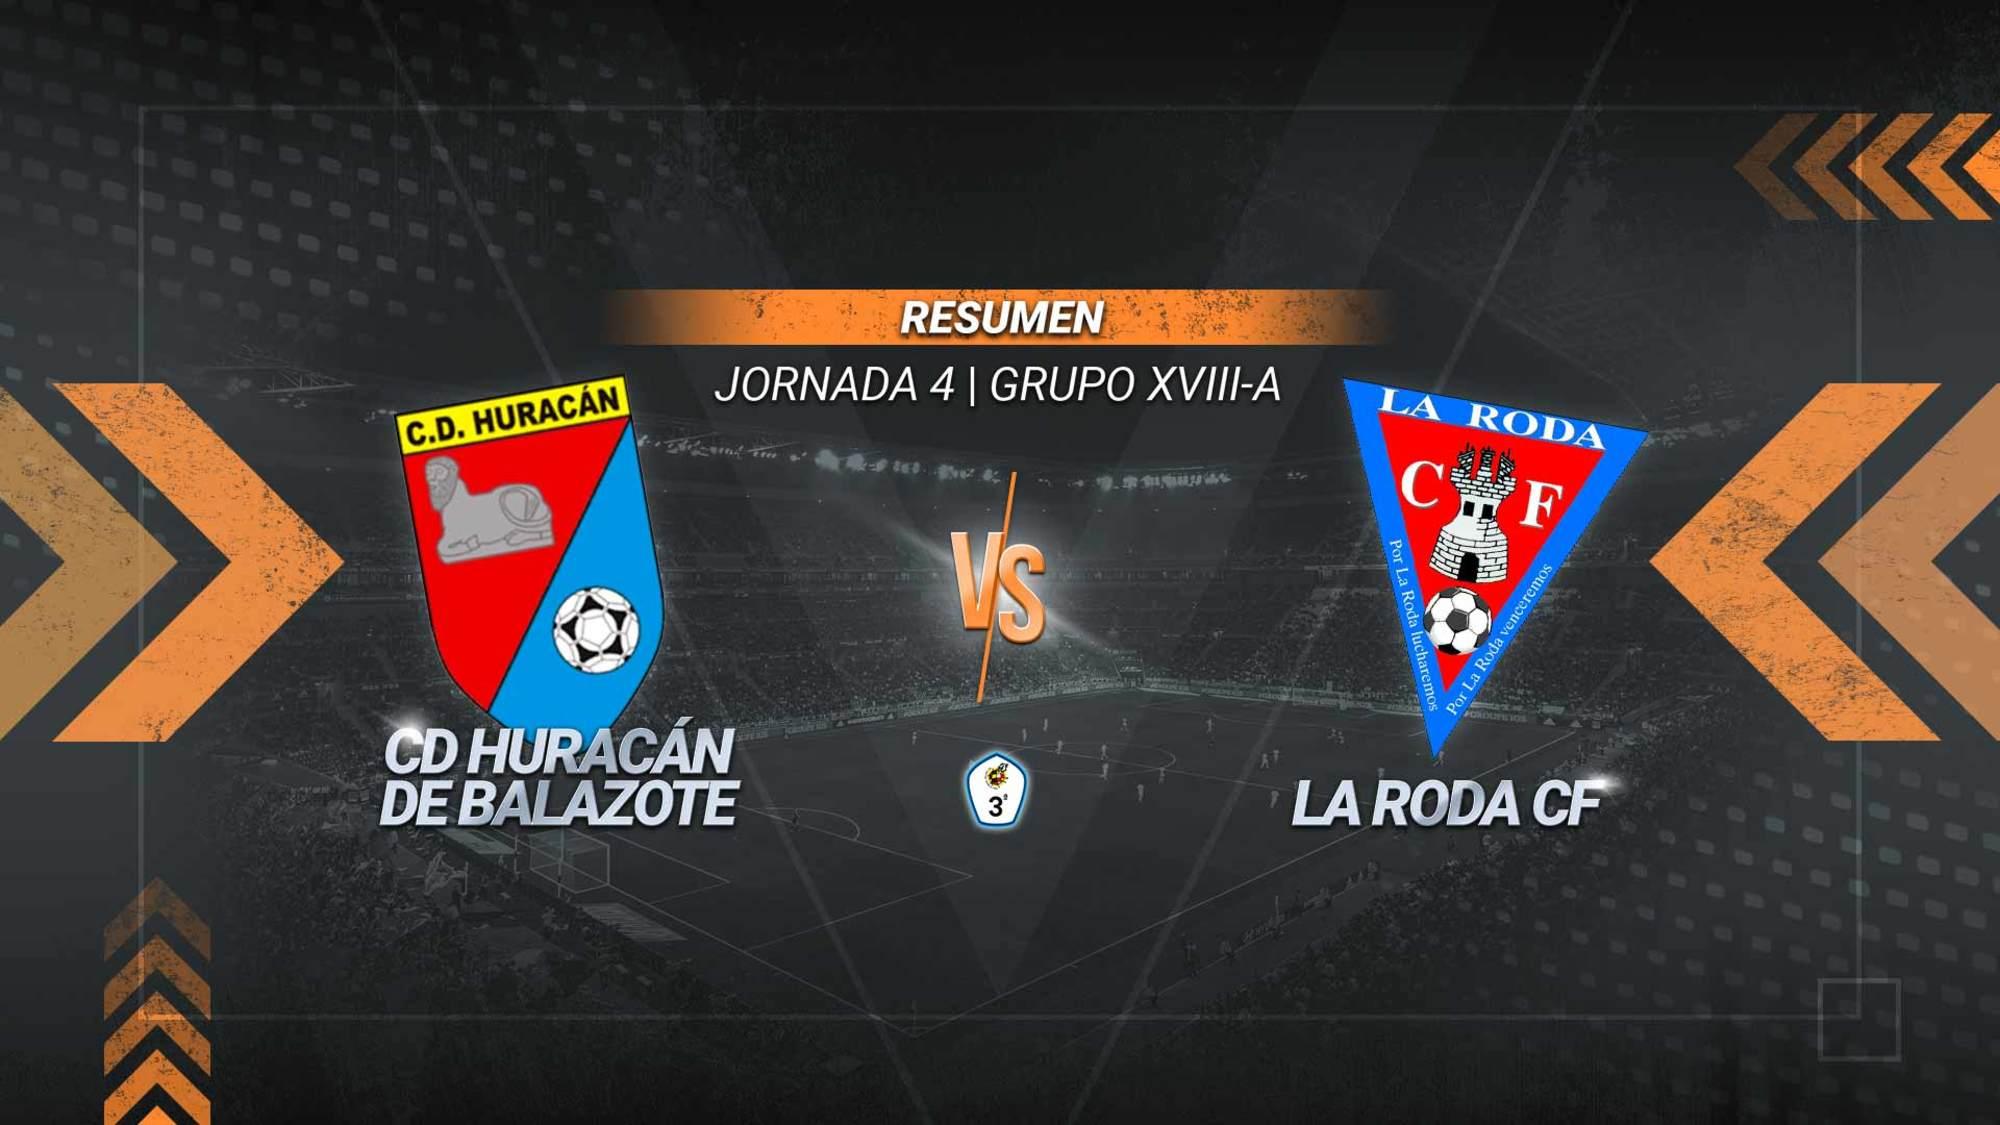 La Roda no puede con el Huracán pero suma un punto que le sitúa líder del subgrupo A. Los rodenses fallaron un penalti en la recta final y los de Balazote se mantienen invictos con ocho puntos.